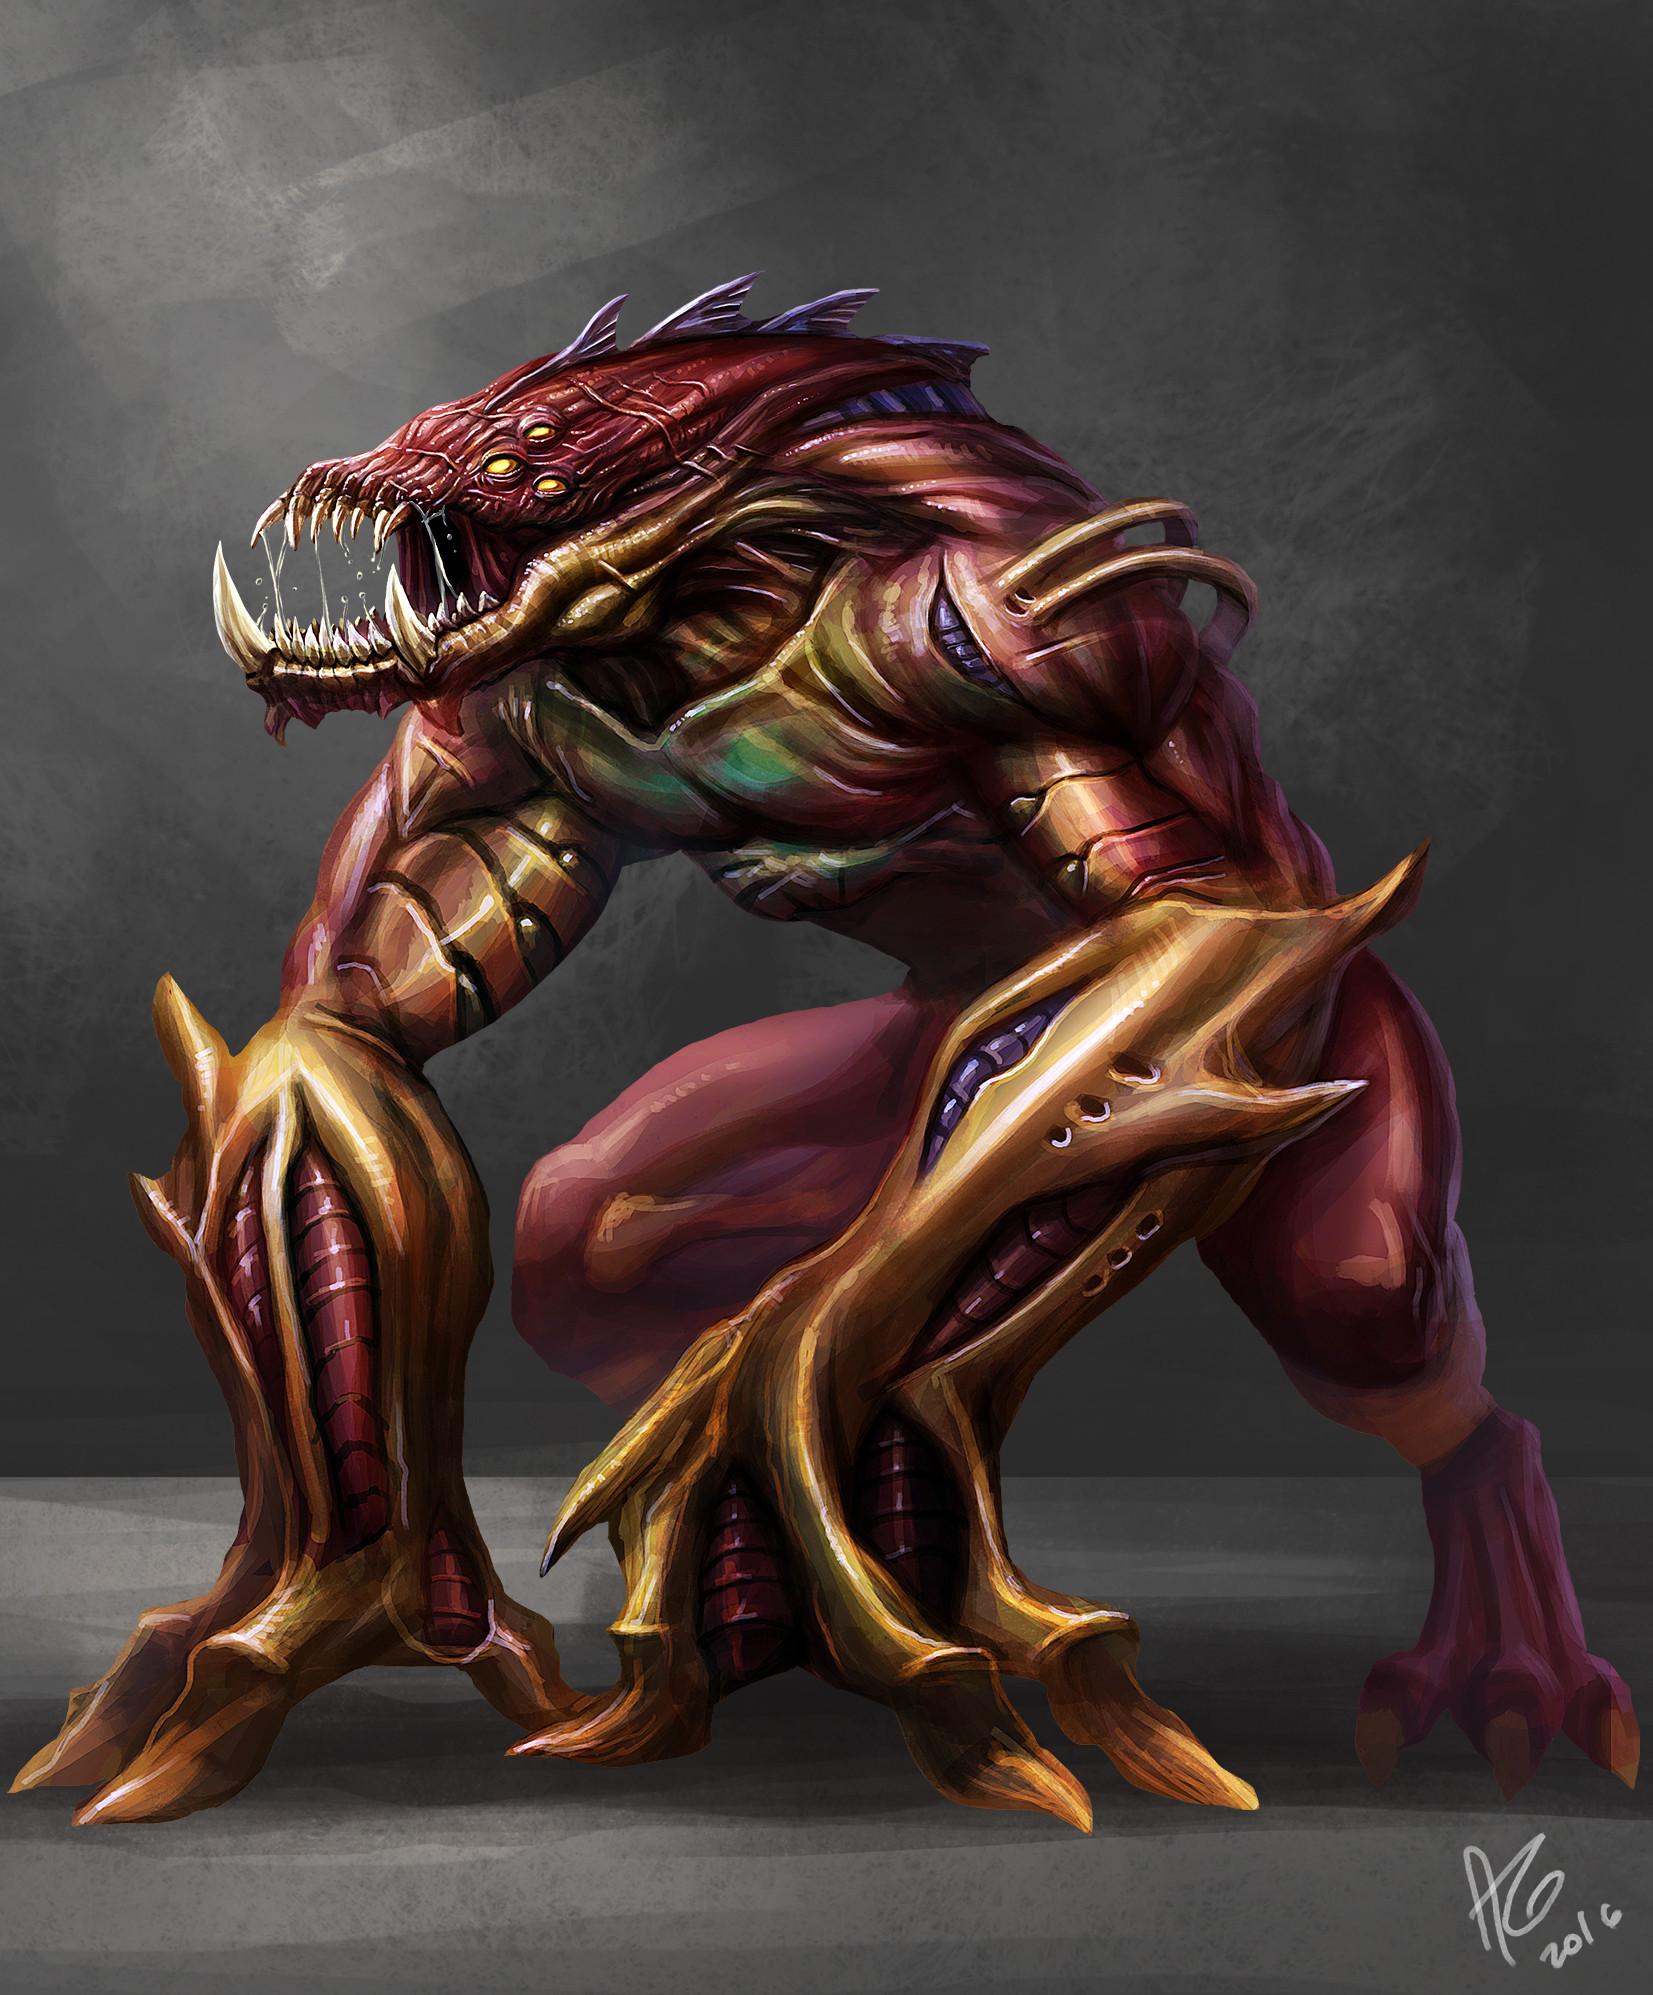 allen-michael-geneta-monster-concepta.jpg